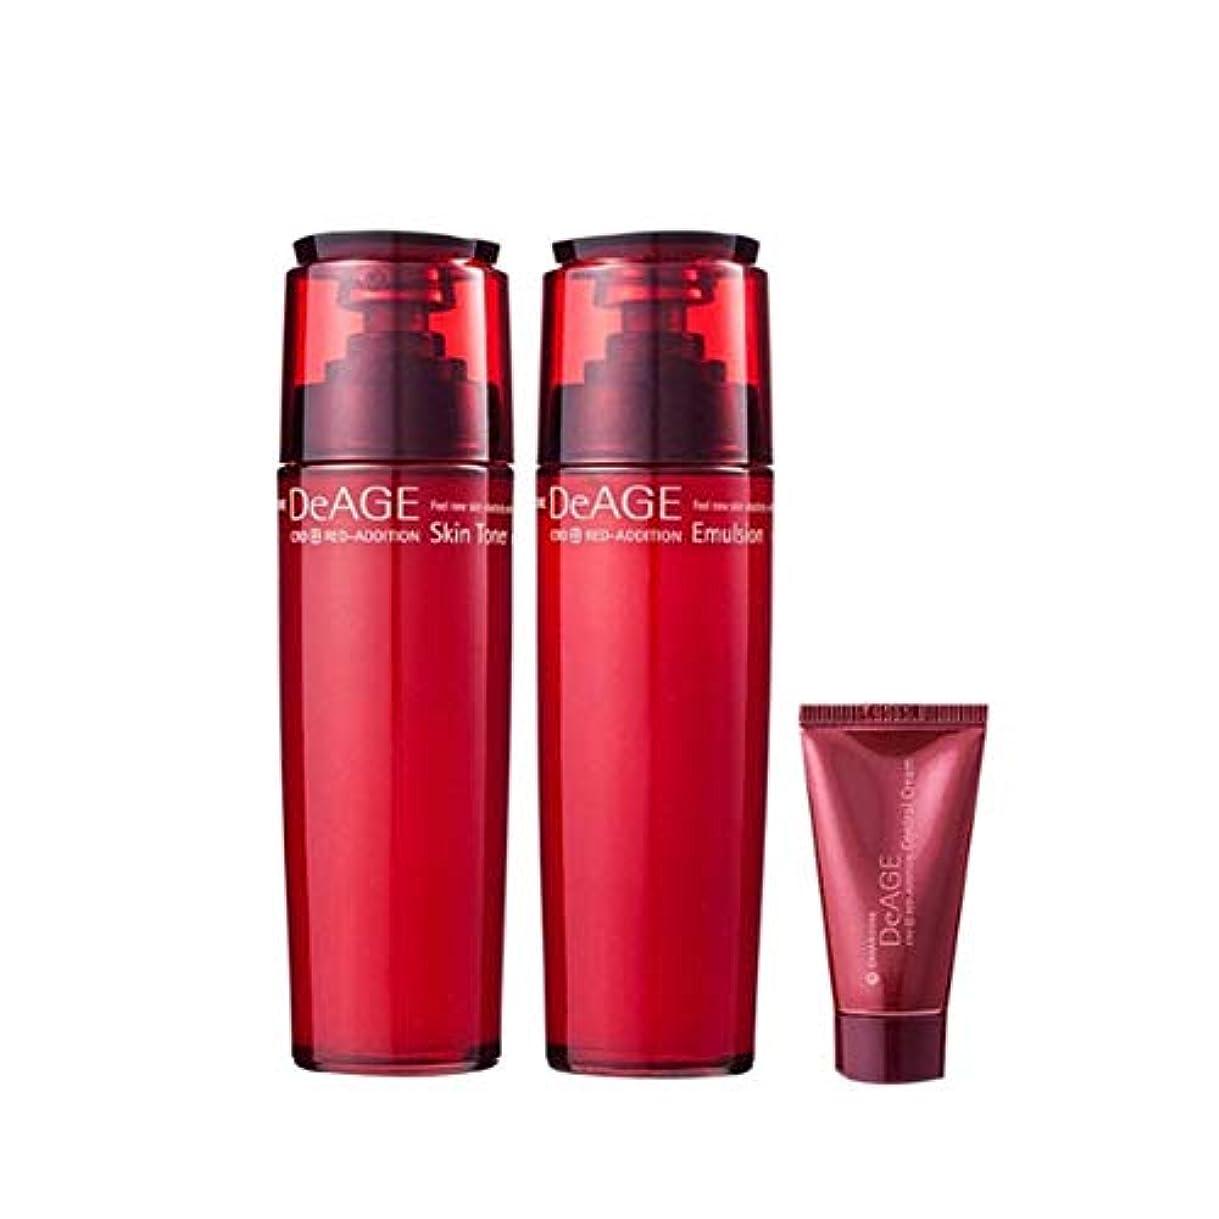 ゴールド純正成り立つチャムジョンディエイジレッドエディションセット(スキントナー130ml、エマルジョン130ml、コントロールクリーム15ml)、Charmzone DeAGE Red Addition Set(Skin Toner 130ml...